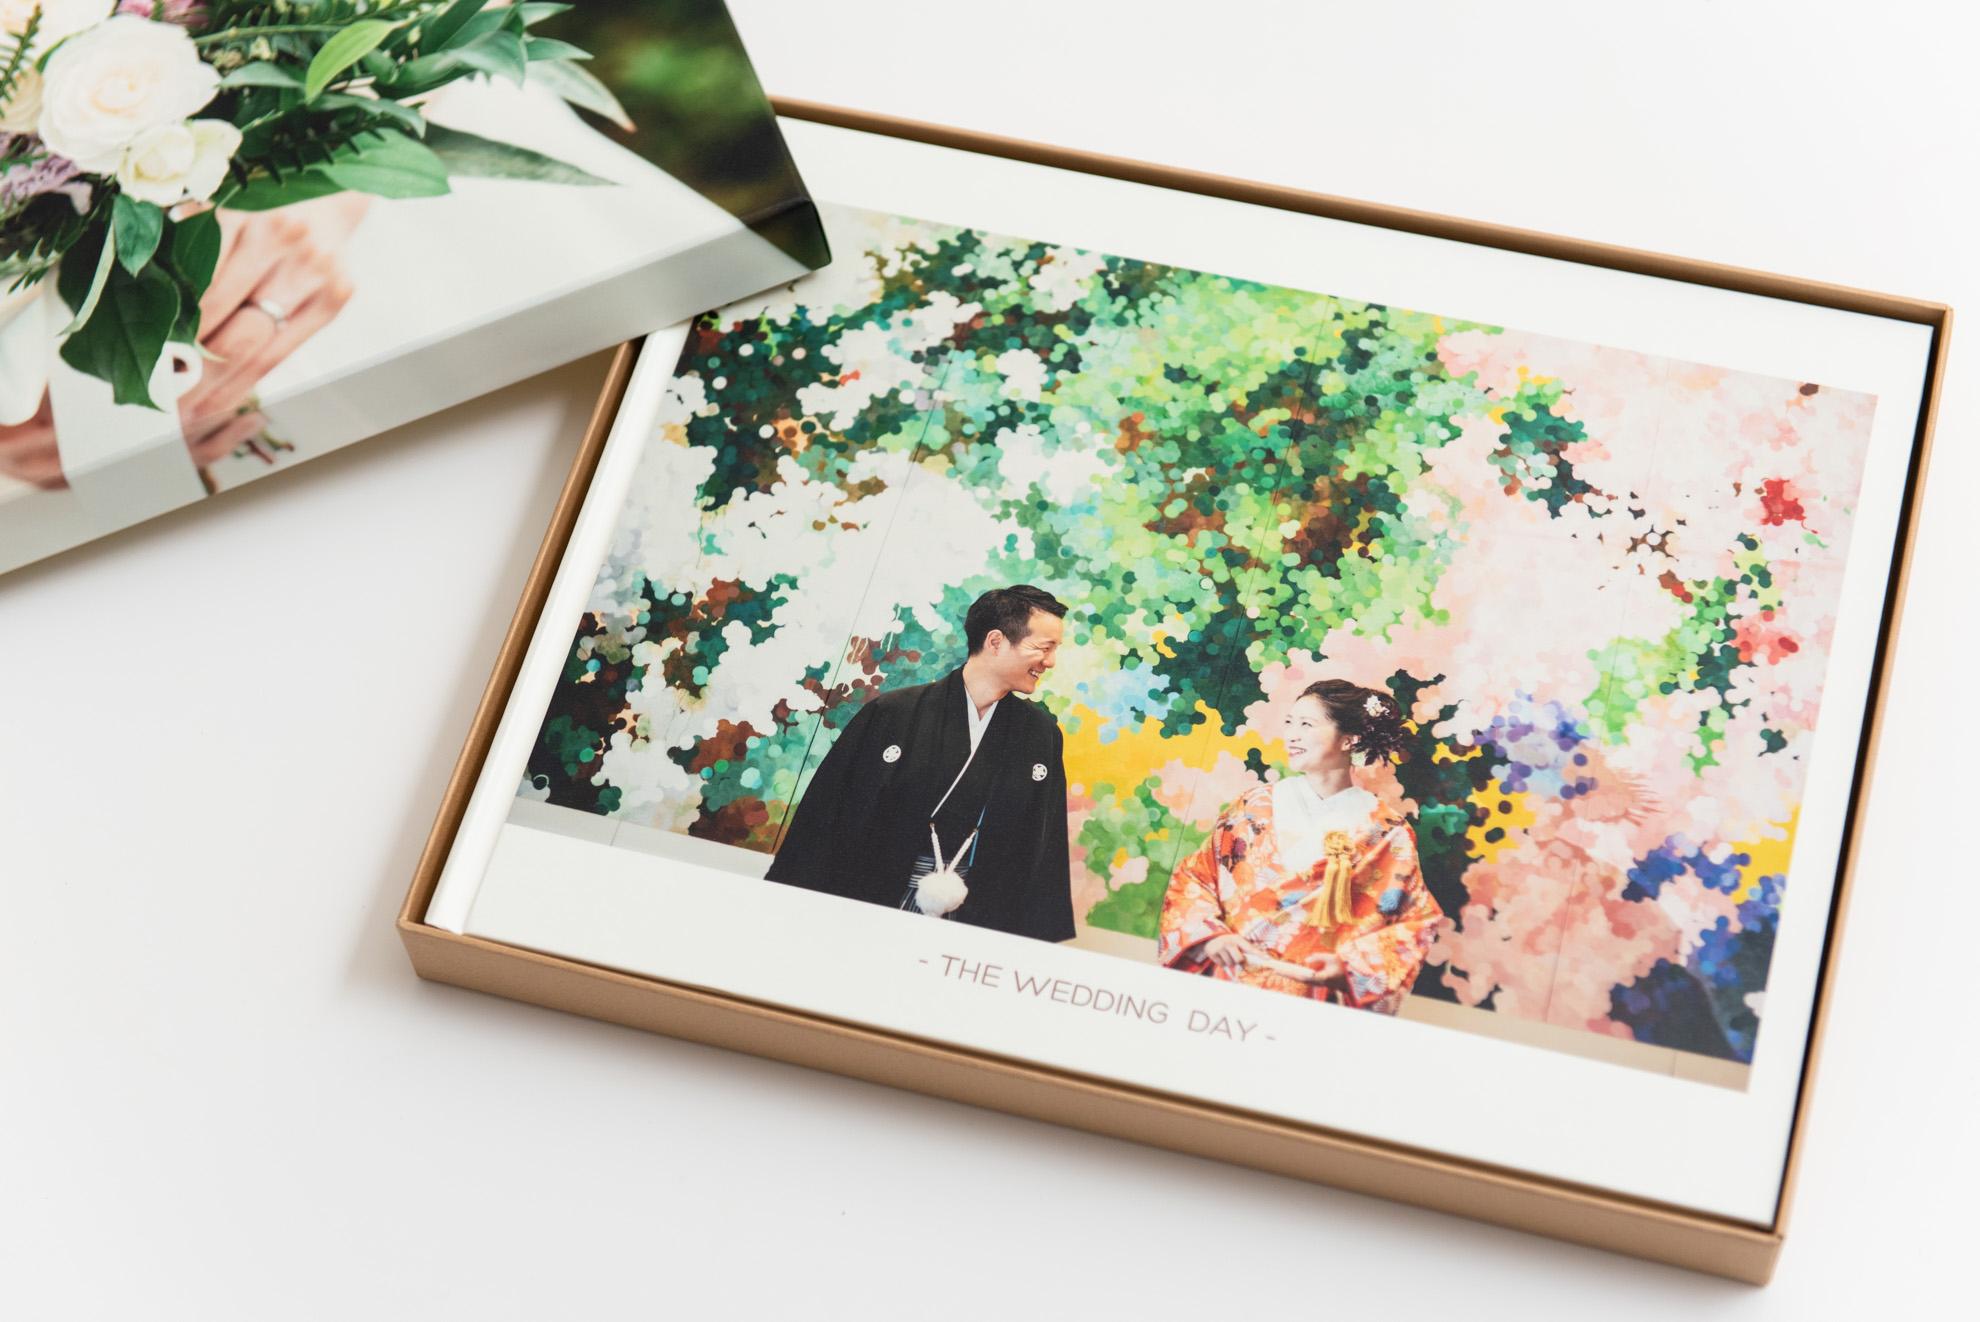 【結婚式のカメラマン】後悔しないための探し方と選び方 アルバム